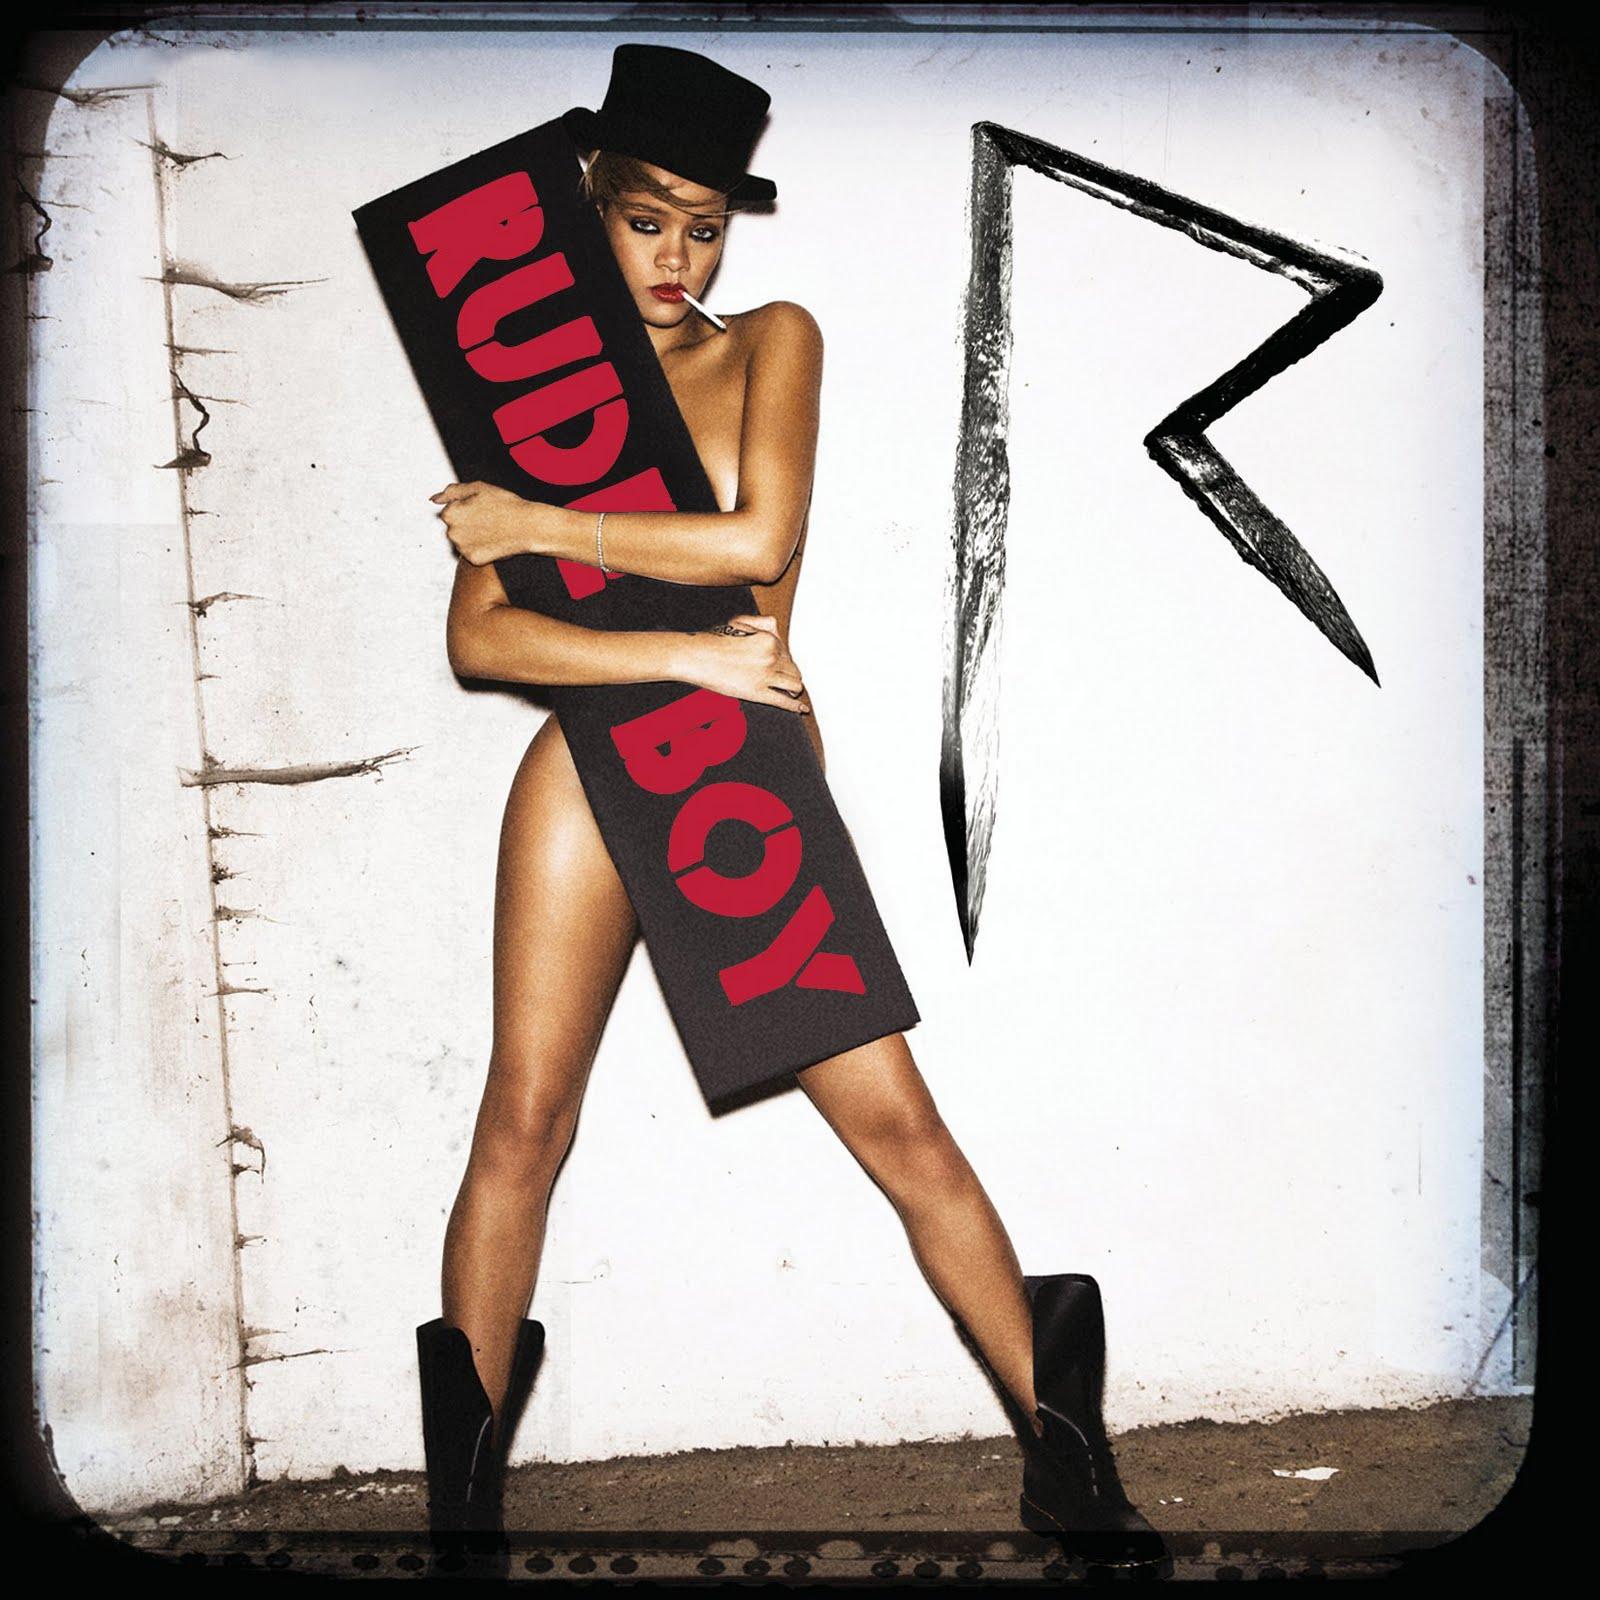 http://2.bp.blogspot.com/-FNvtz0aTFhQ/Twee3xniO9I/AAAAAAAAACA/kY2et3jFZD0/s1600/rude_boy_official_single_cover_-_rihanna.jpg